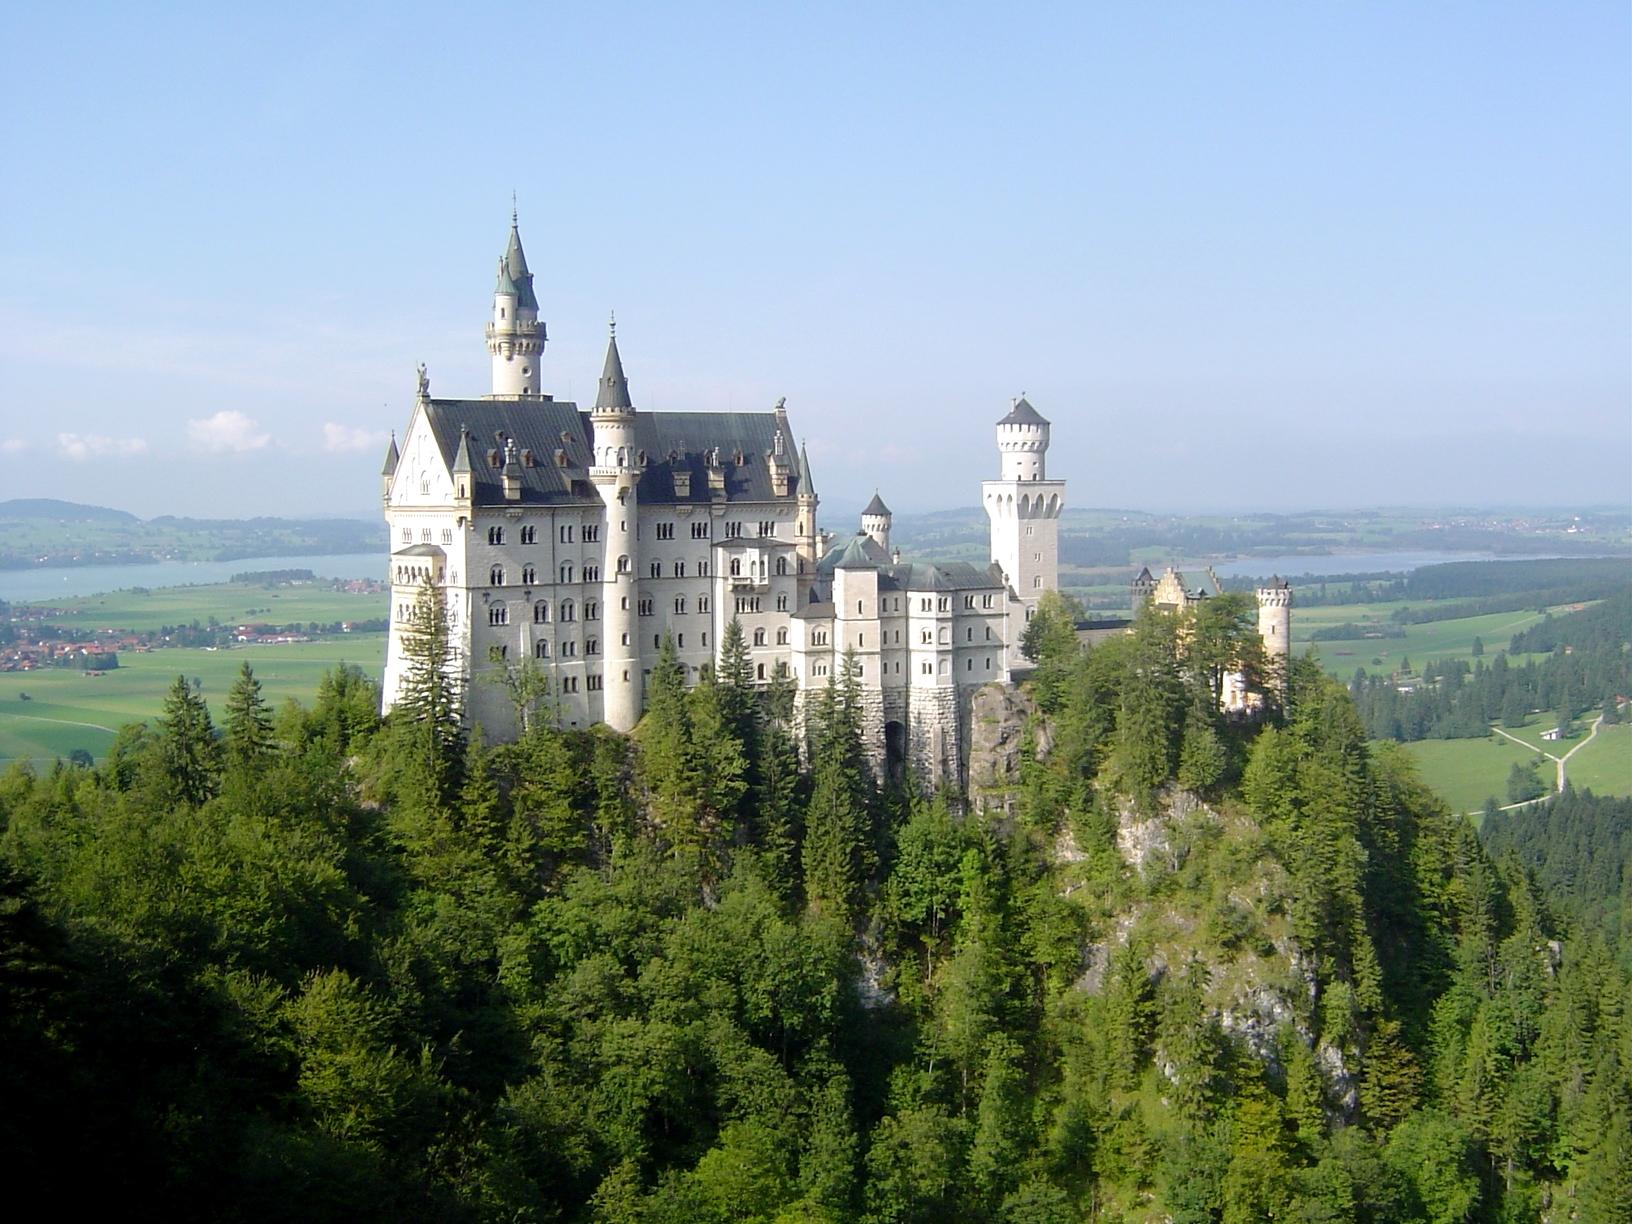 Alemania y sus castillos